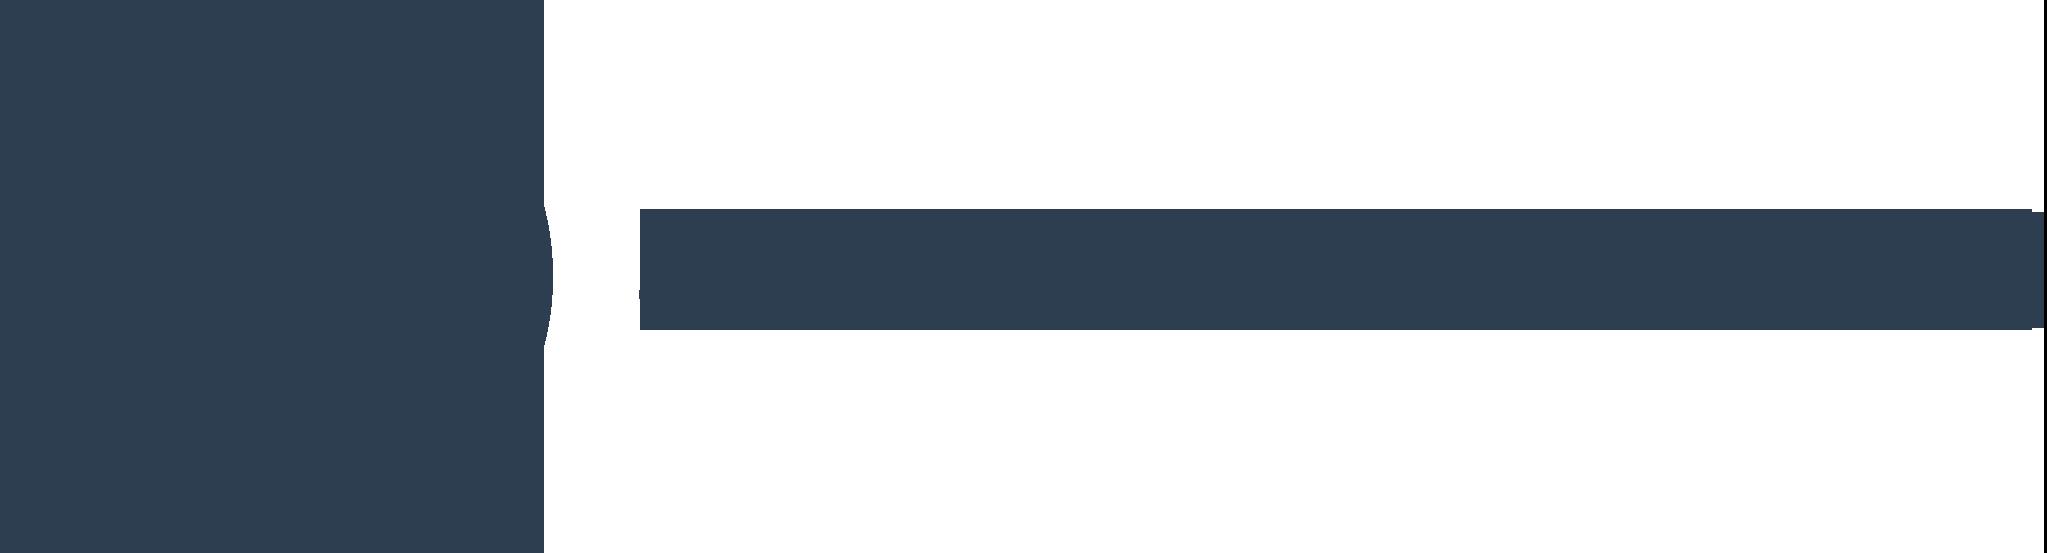 Sean Bergman